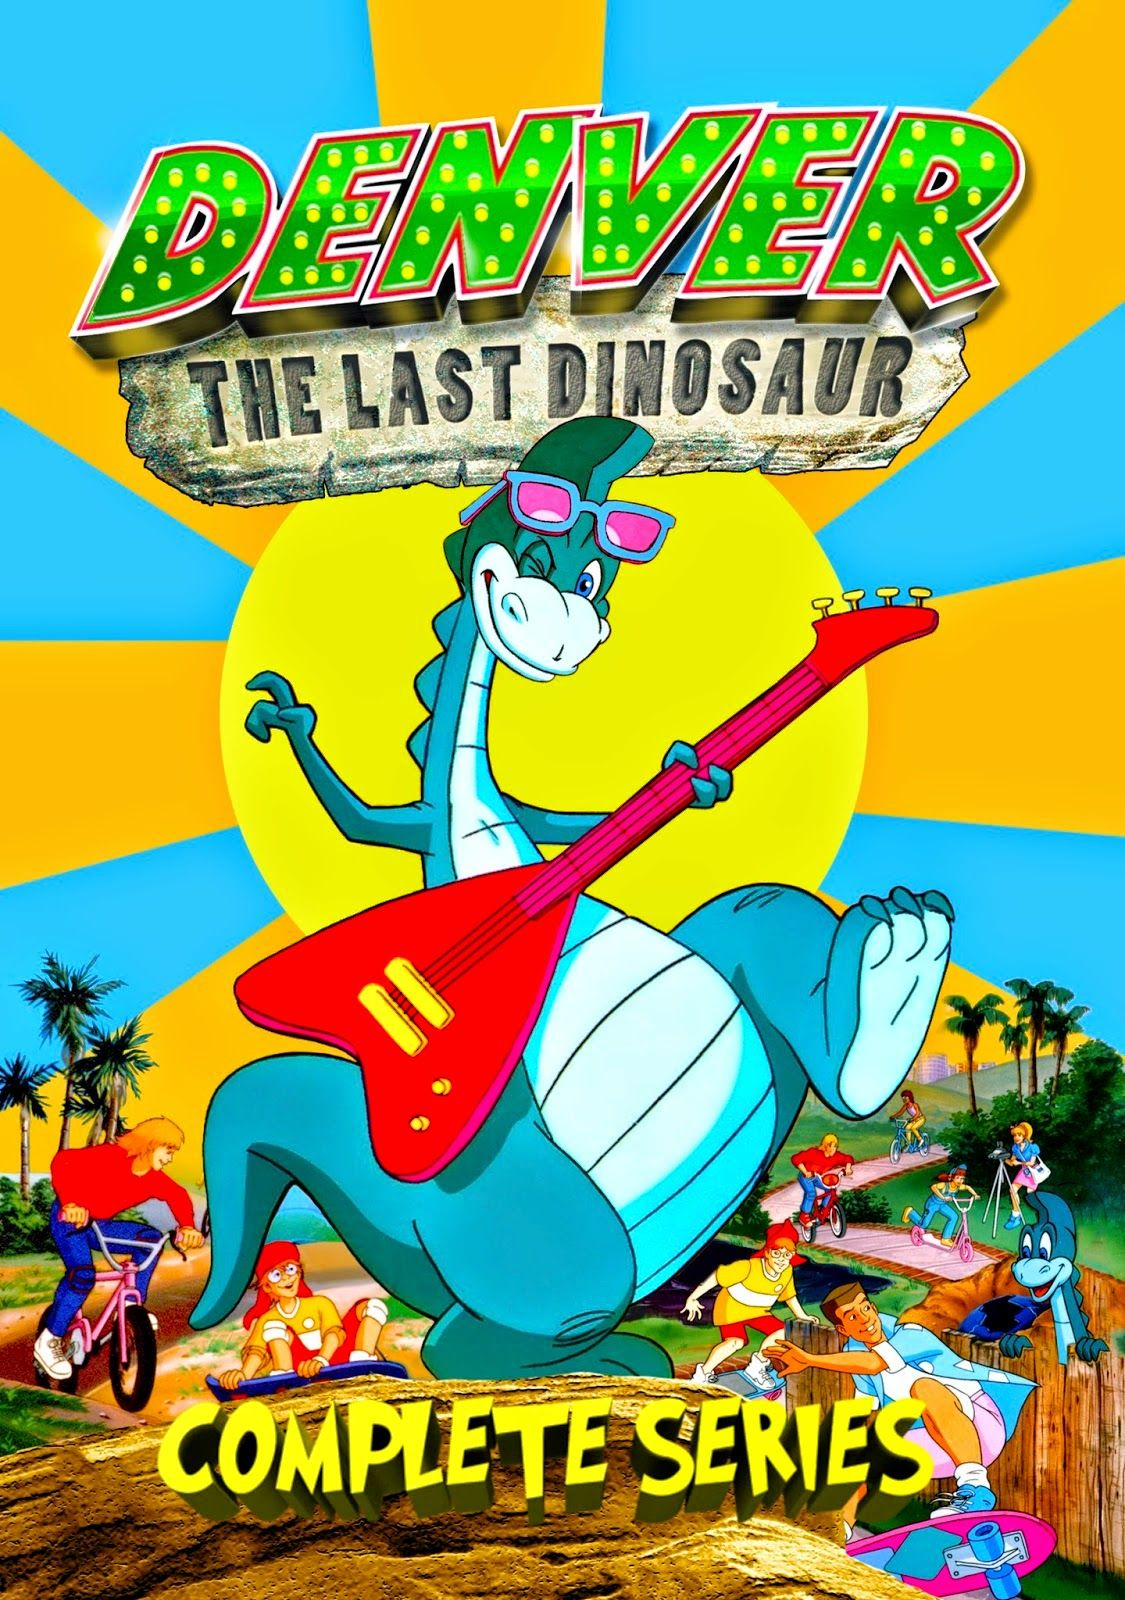 the last dinosaur animated movie